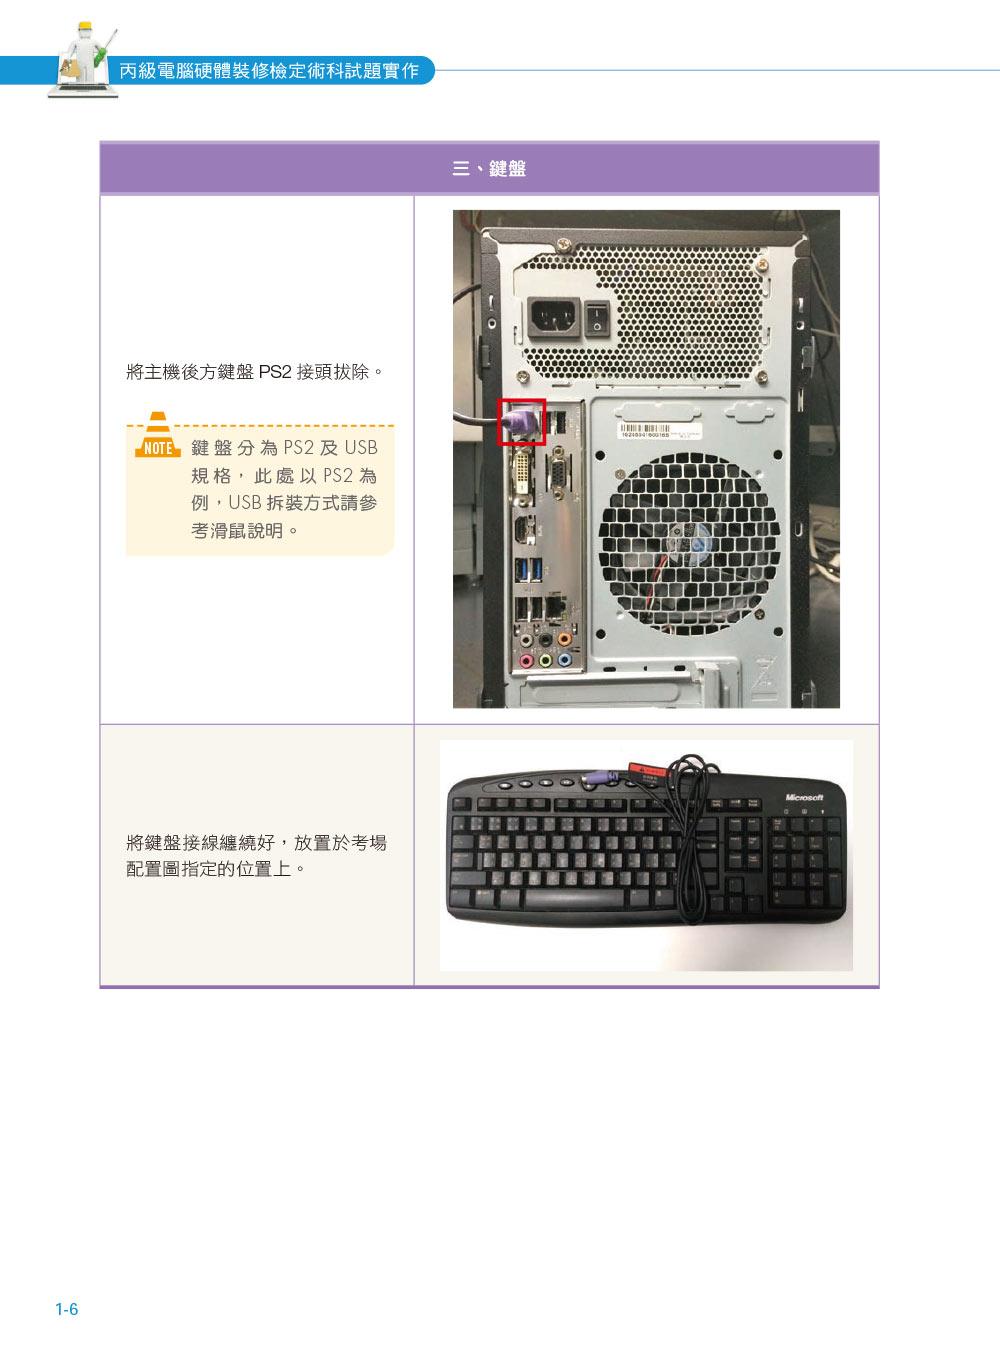 ◤博客來BOOKS◢ 暢銷書榜《推薦》丙級電腦硬體裝修檢定術科試題實作:Windows 7 + Fedora Core 20 + CentOS